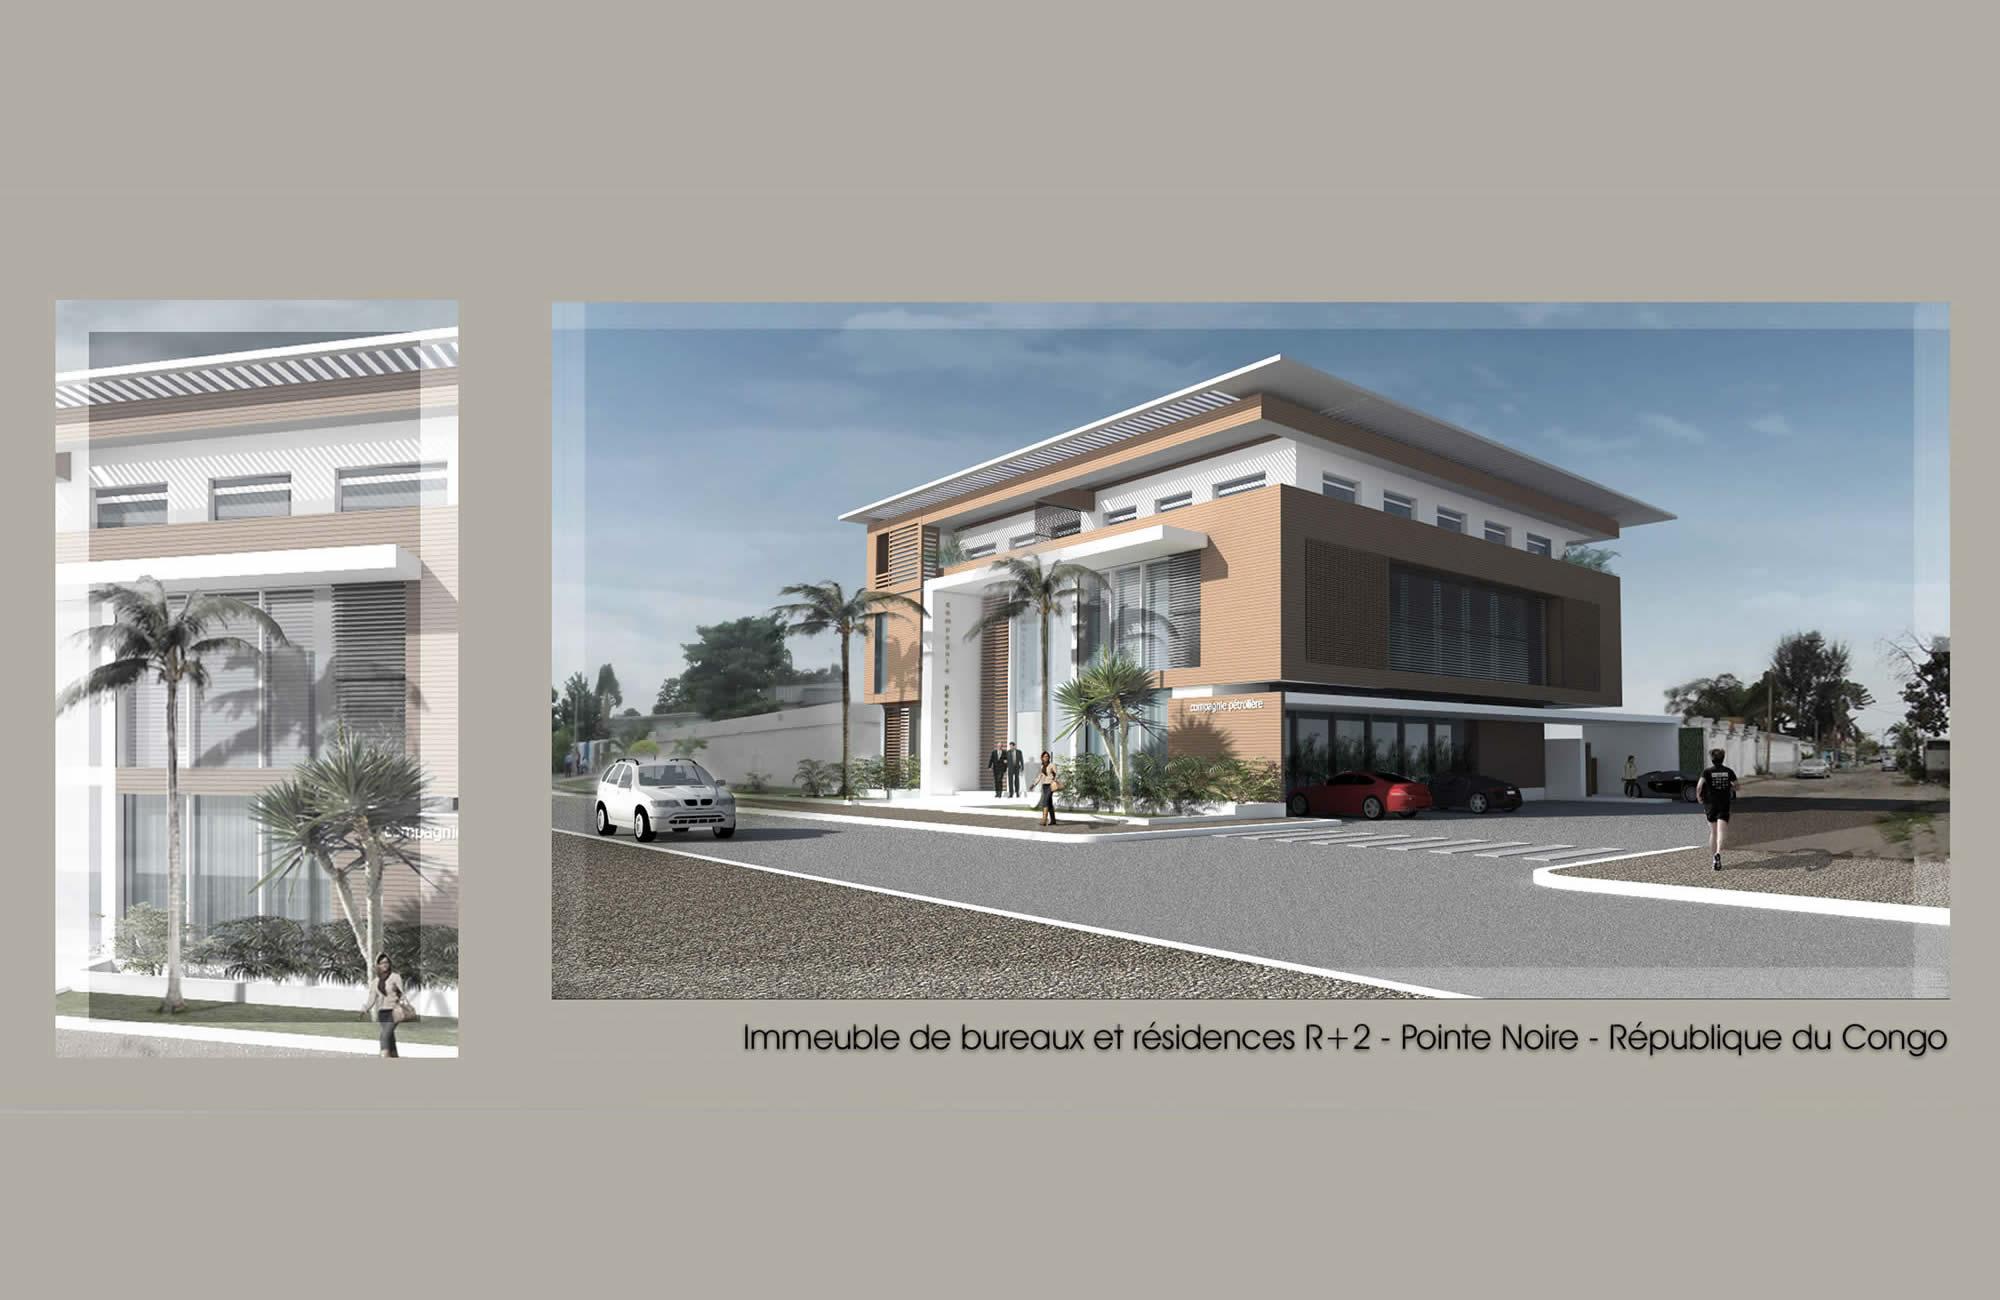 2-pointe-noire-rep-del-congo_edificio-per-uffici